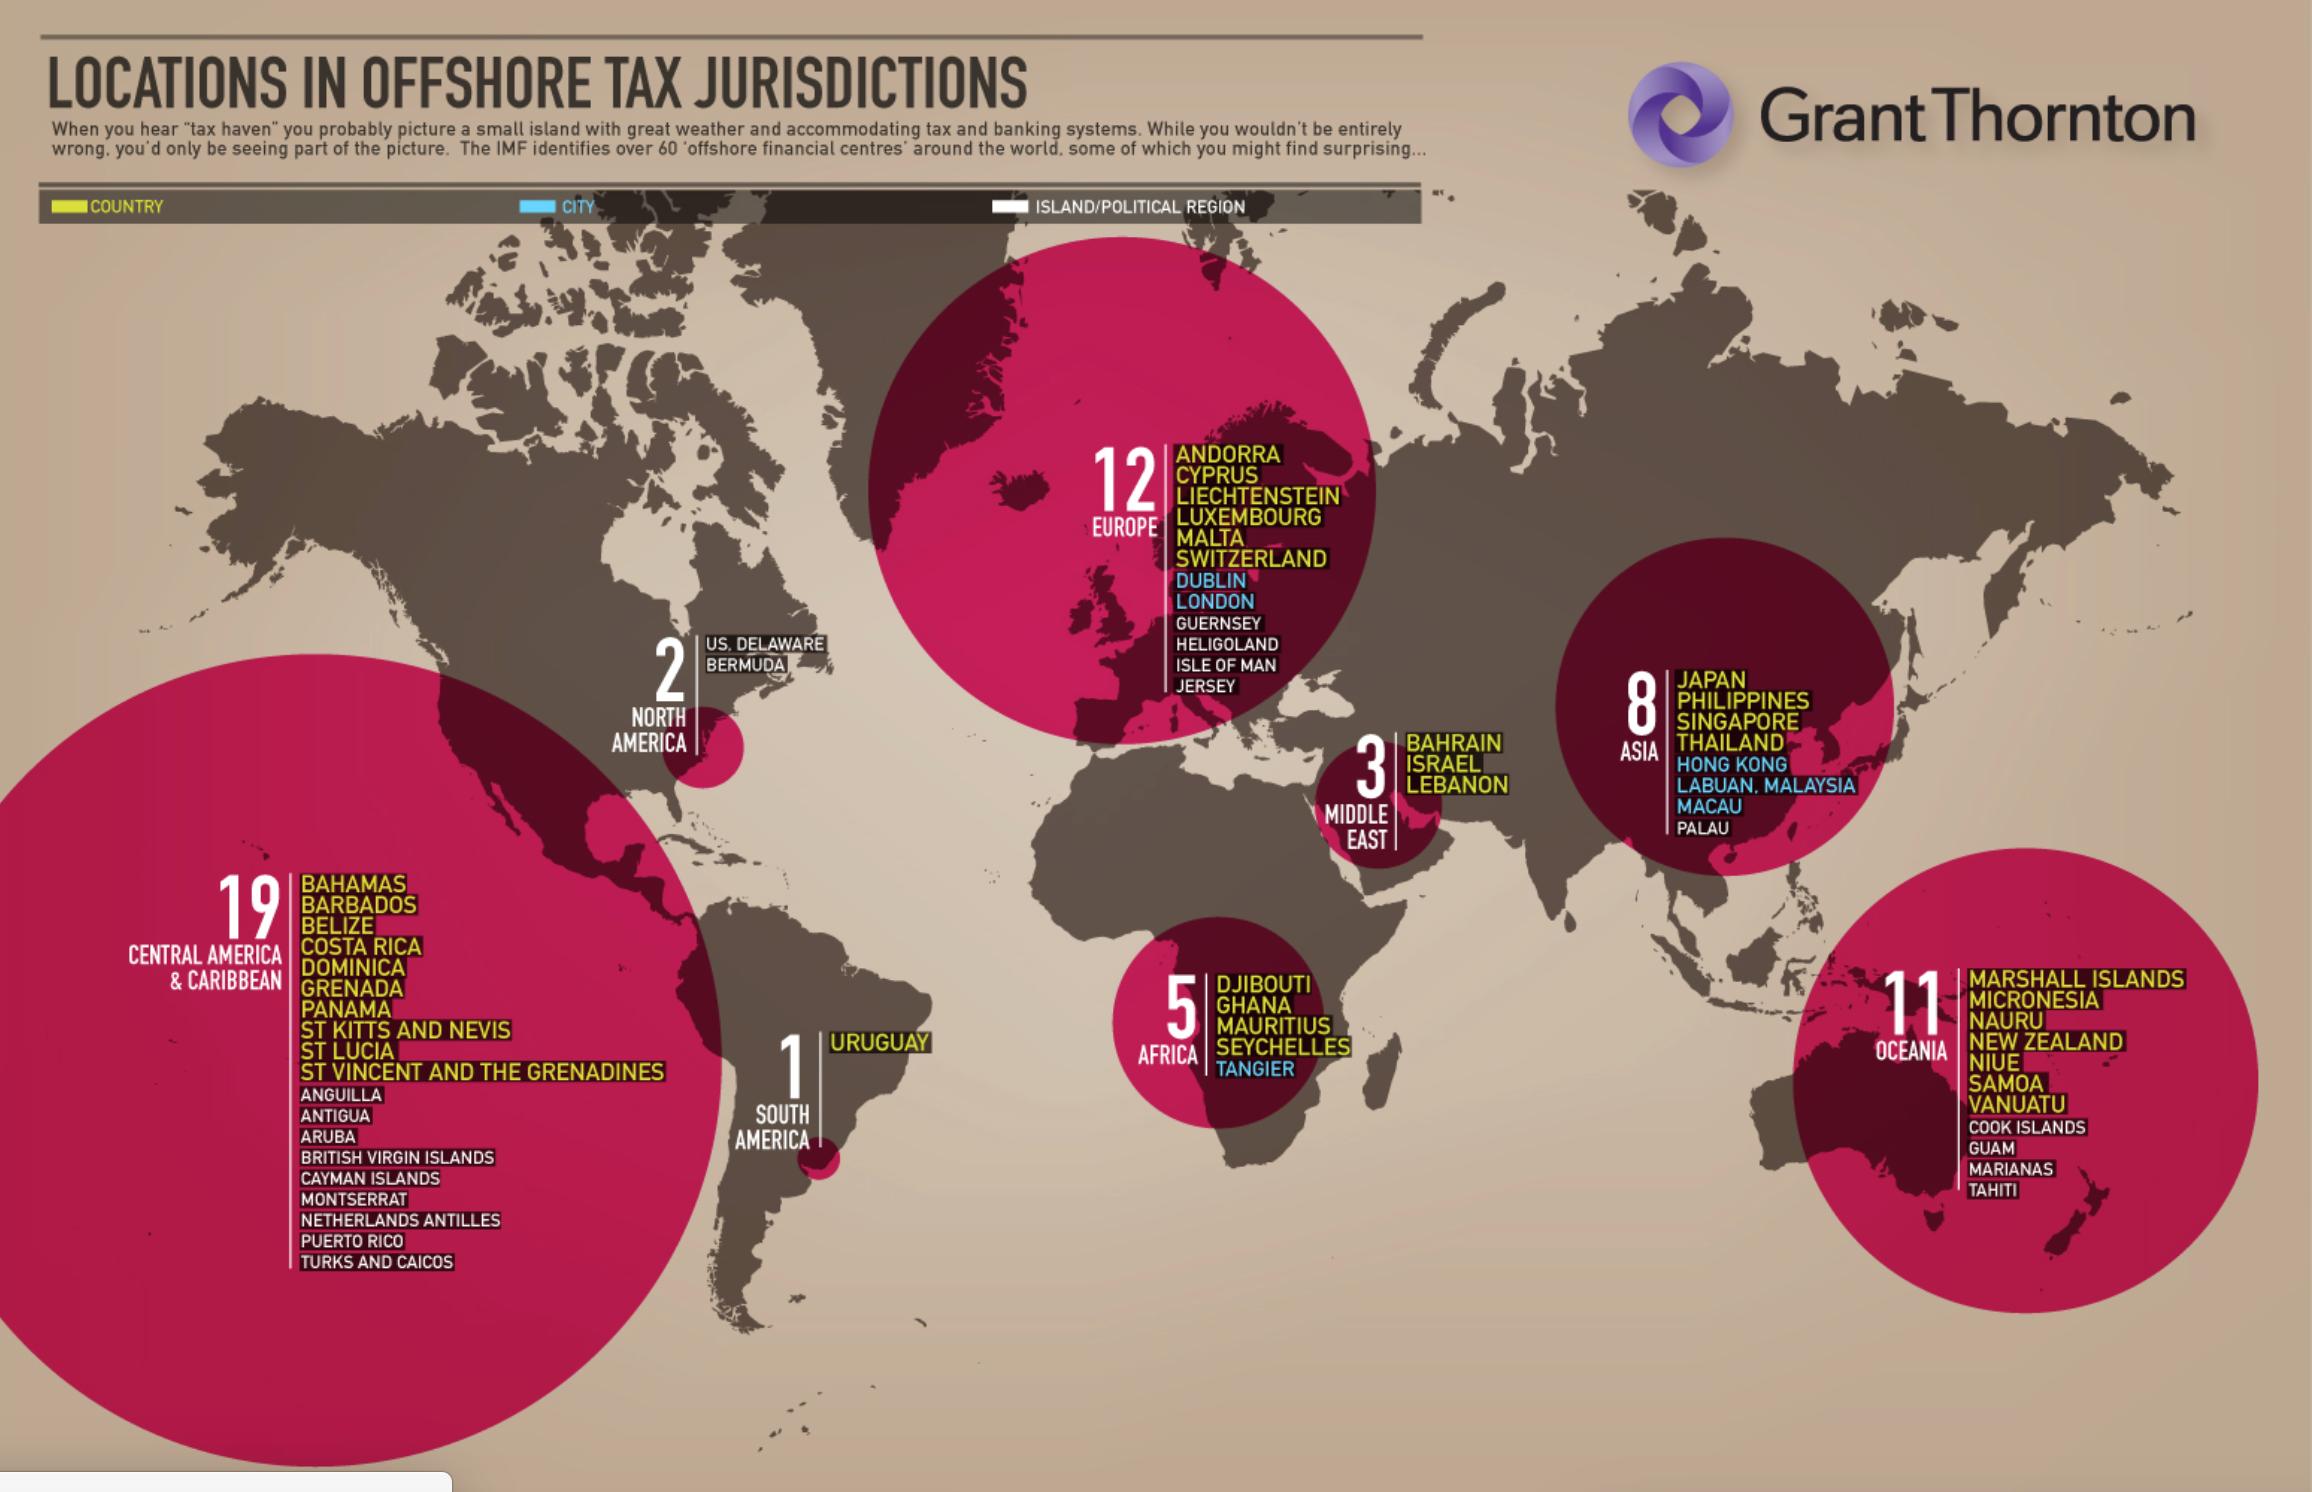 Offshore jurisdictions